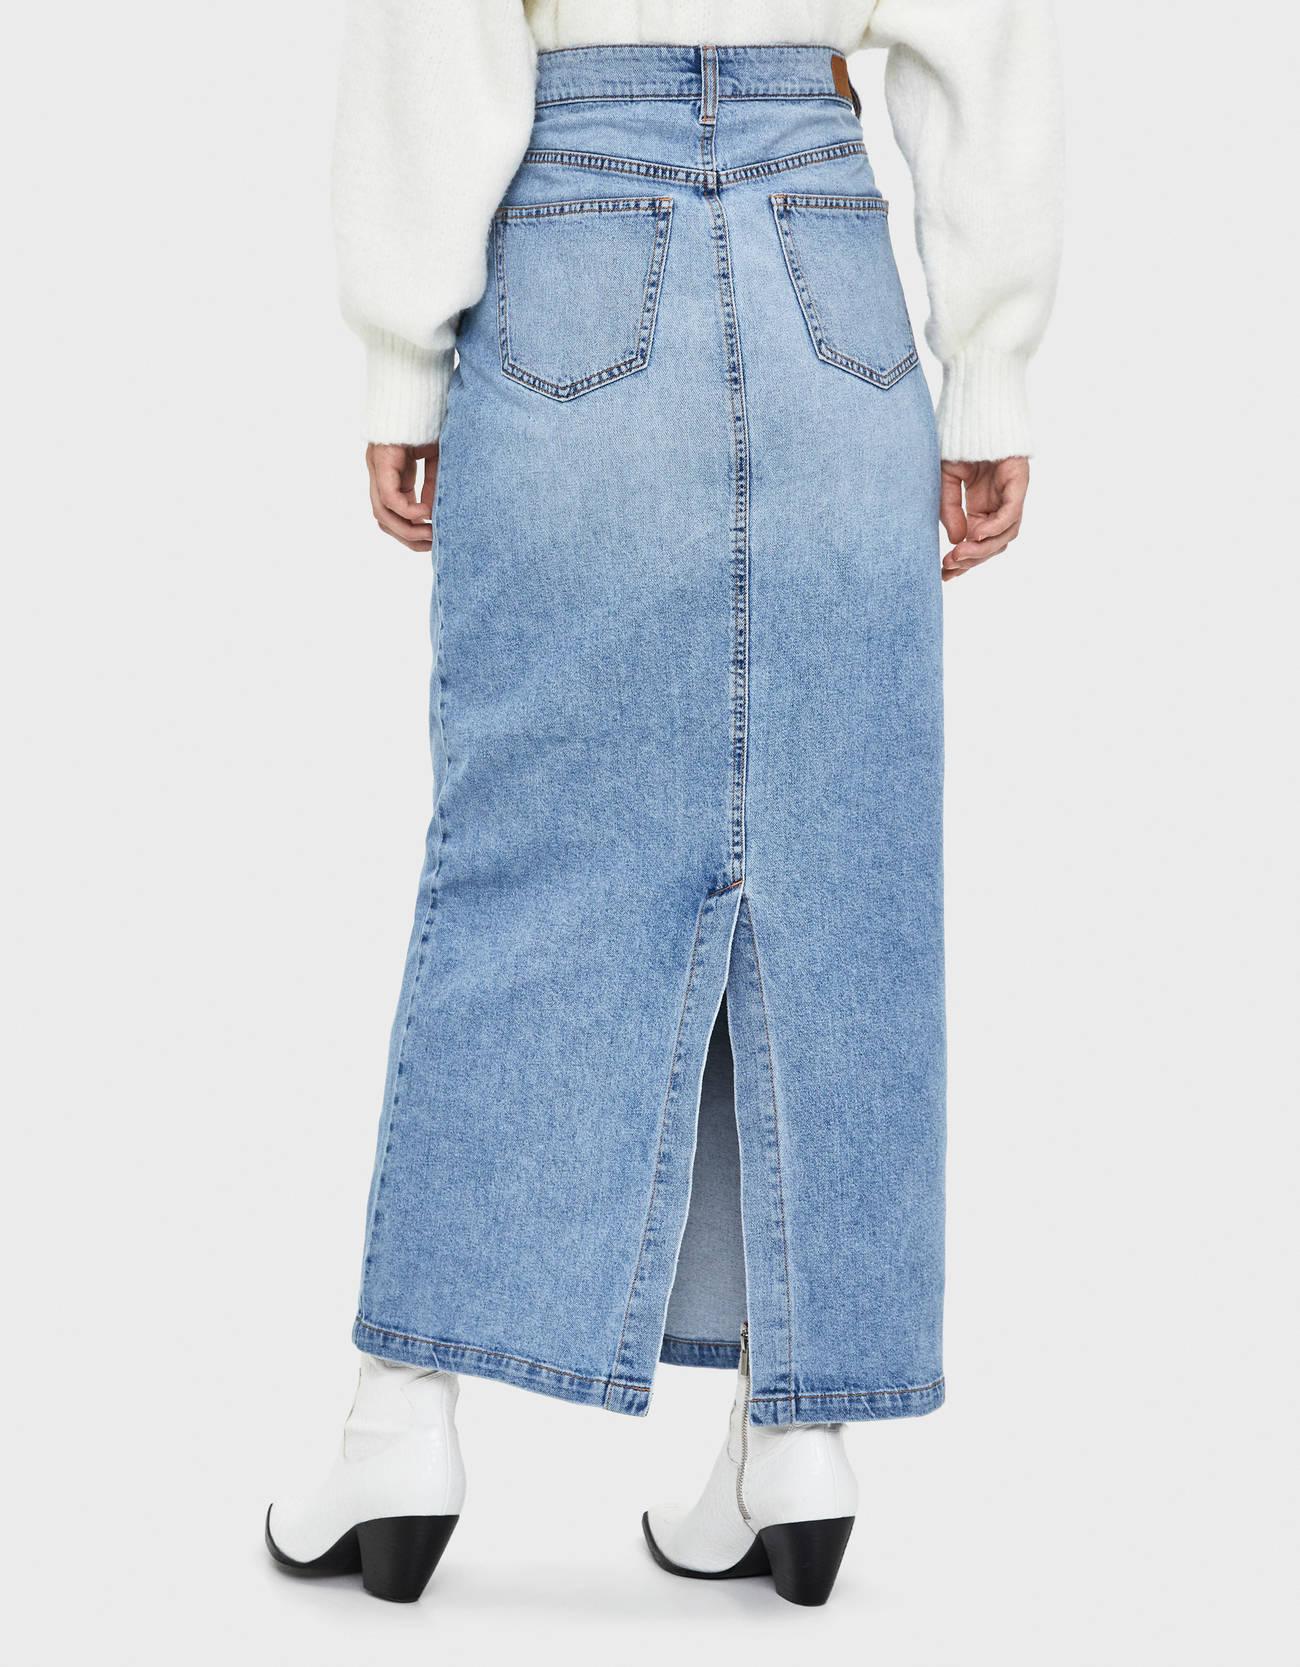 Длинная джинсовая юбка Синий застиранный Bershka